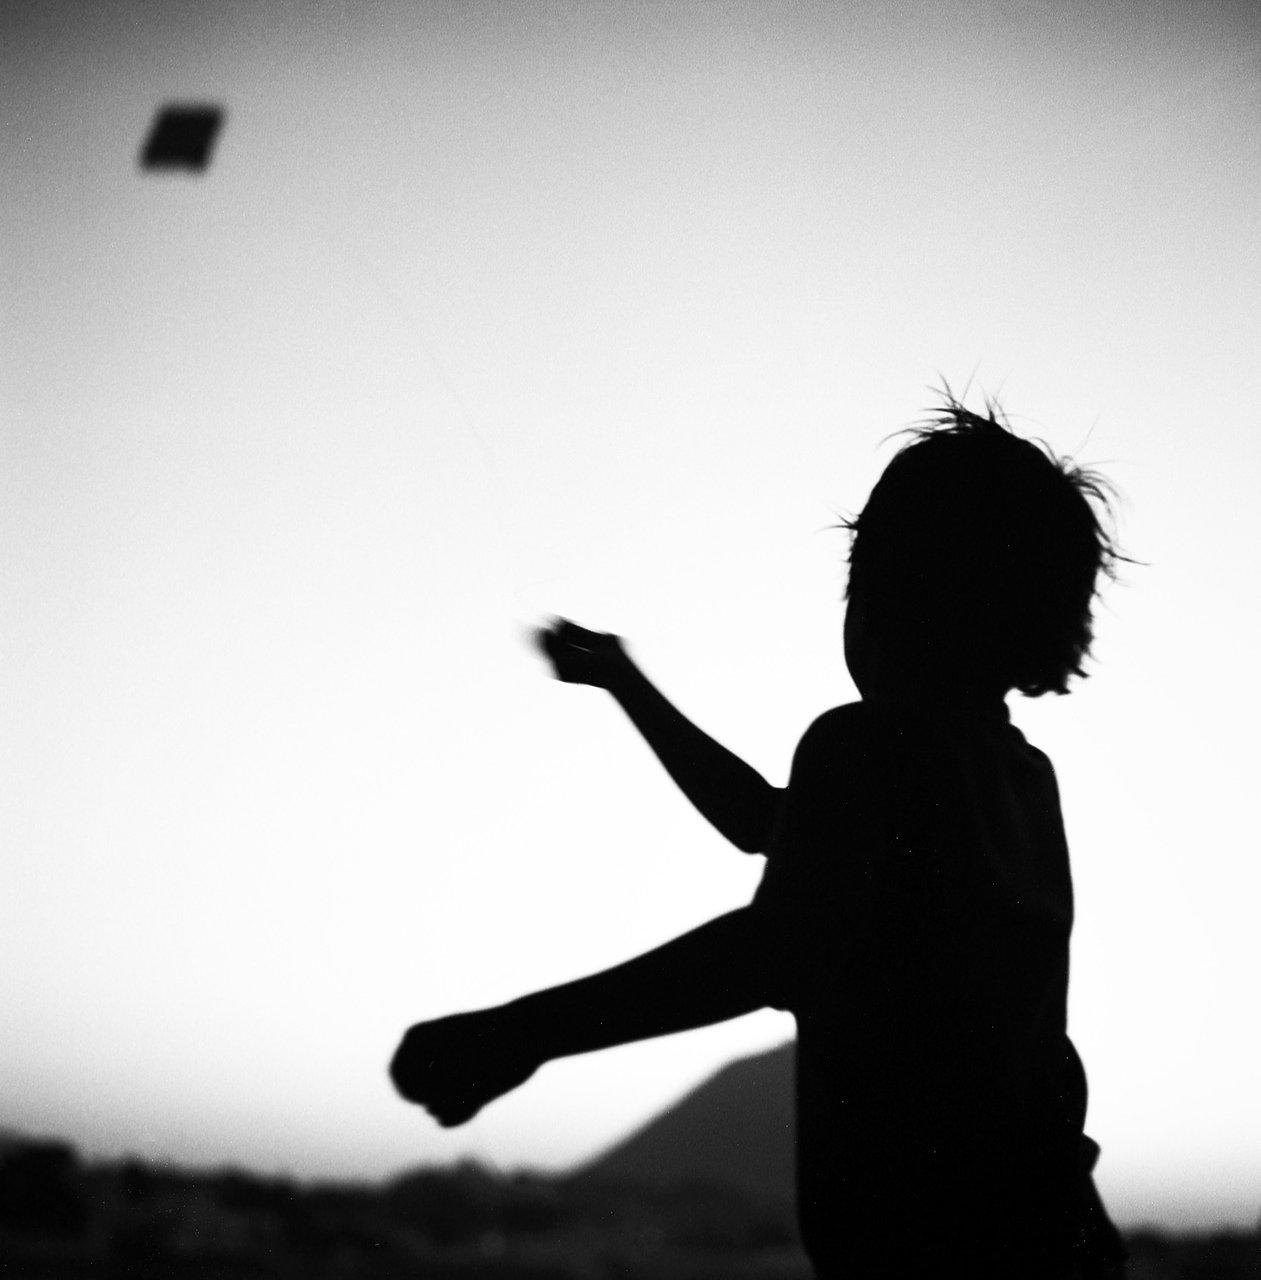 Kite boy, Rajasthan